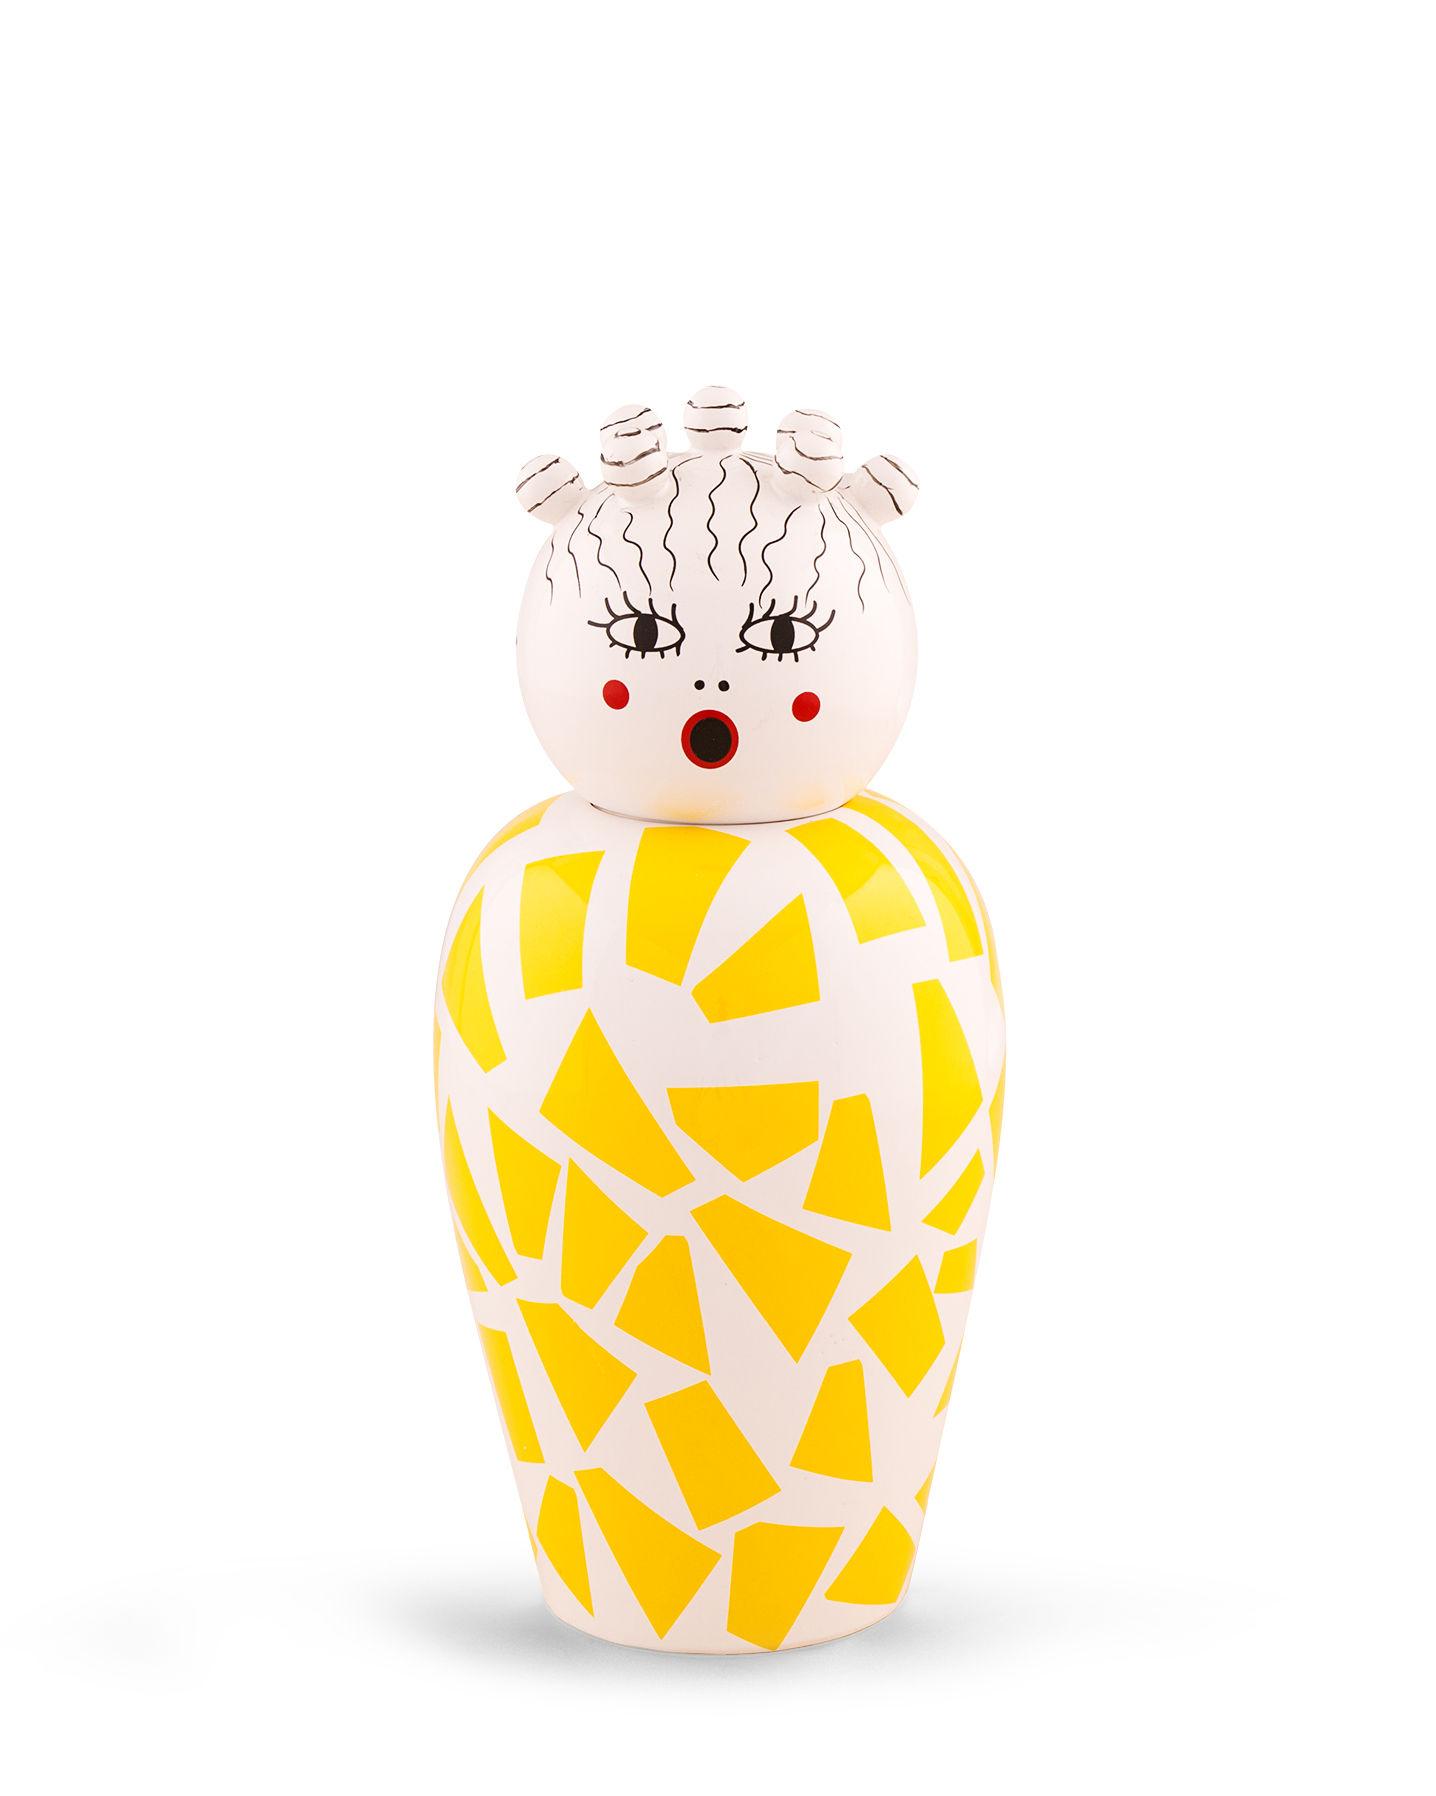 Déco - Vases - Vase avec couvercle Canopie Rosio / Avec couvercle - Seletti - Rosio / Jaune - Porcelaine peinte